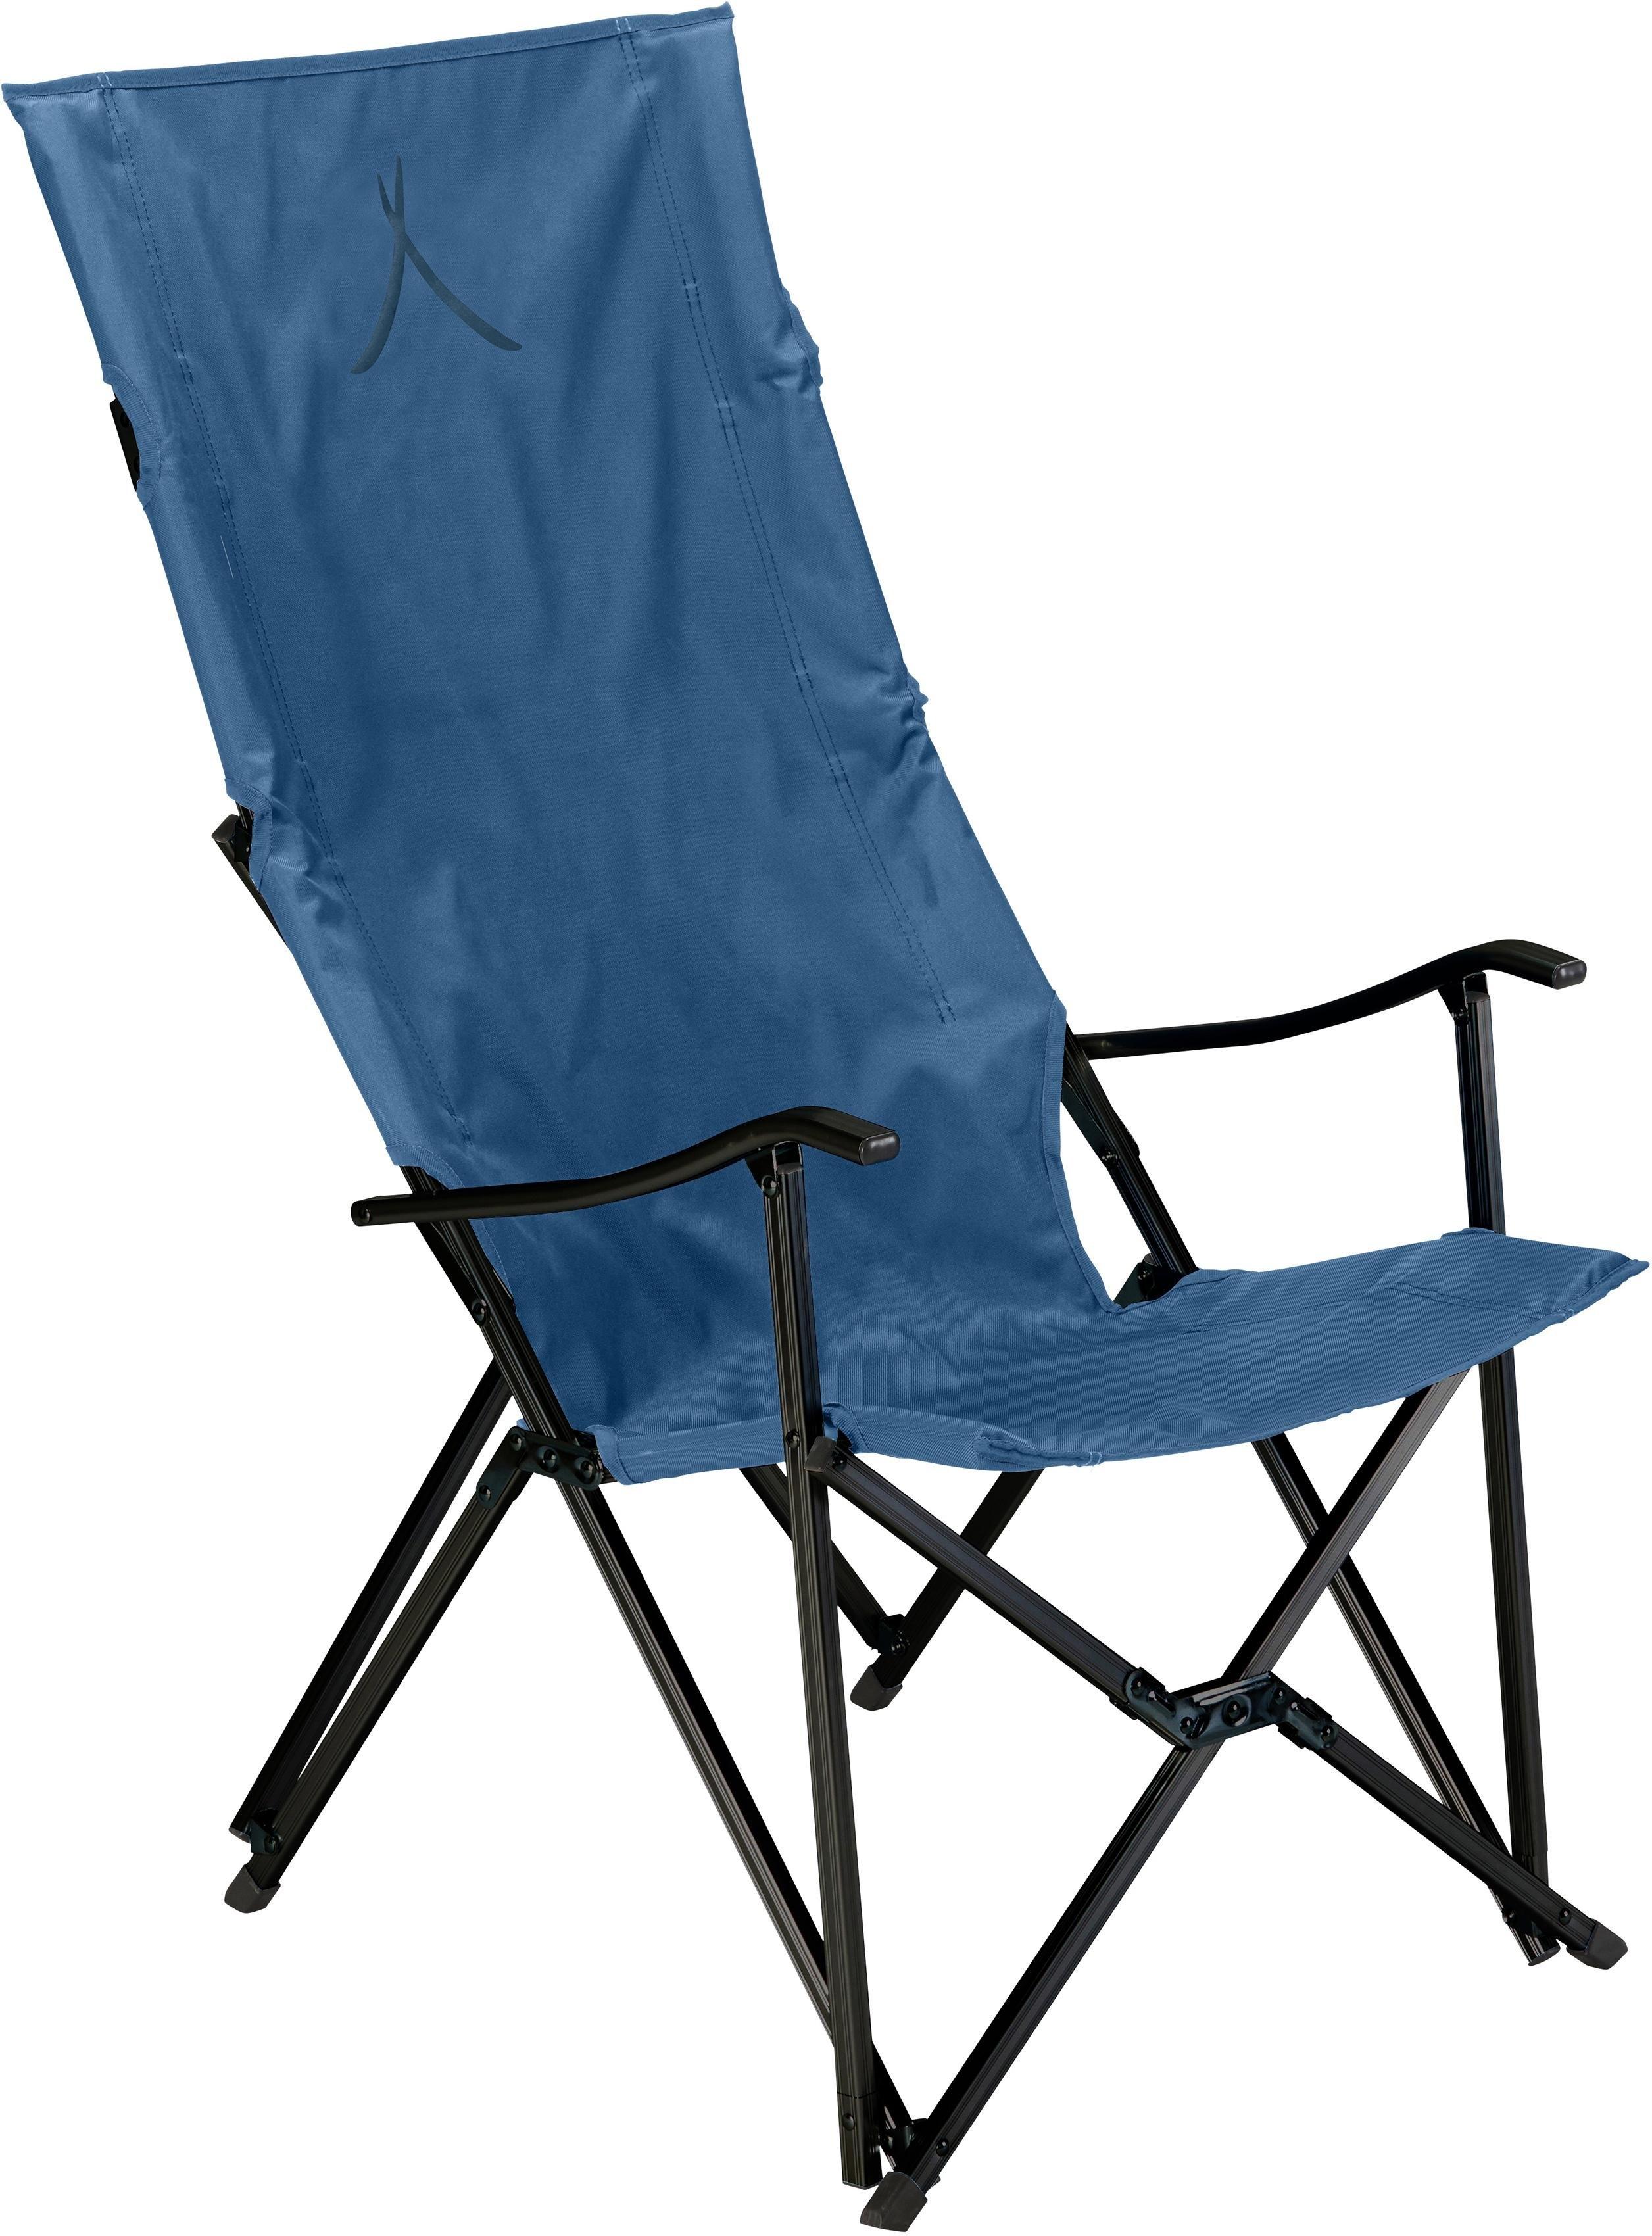 Op zoek naar een Grand Canyon campingstoel